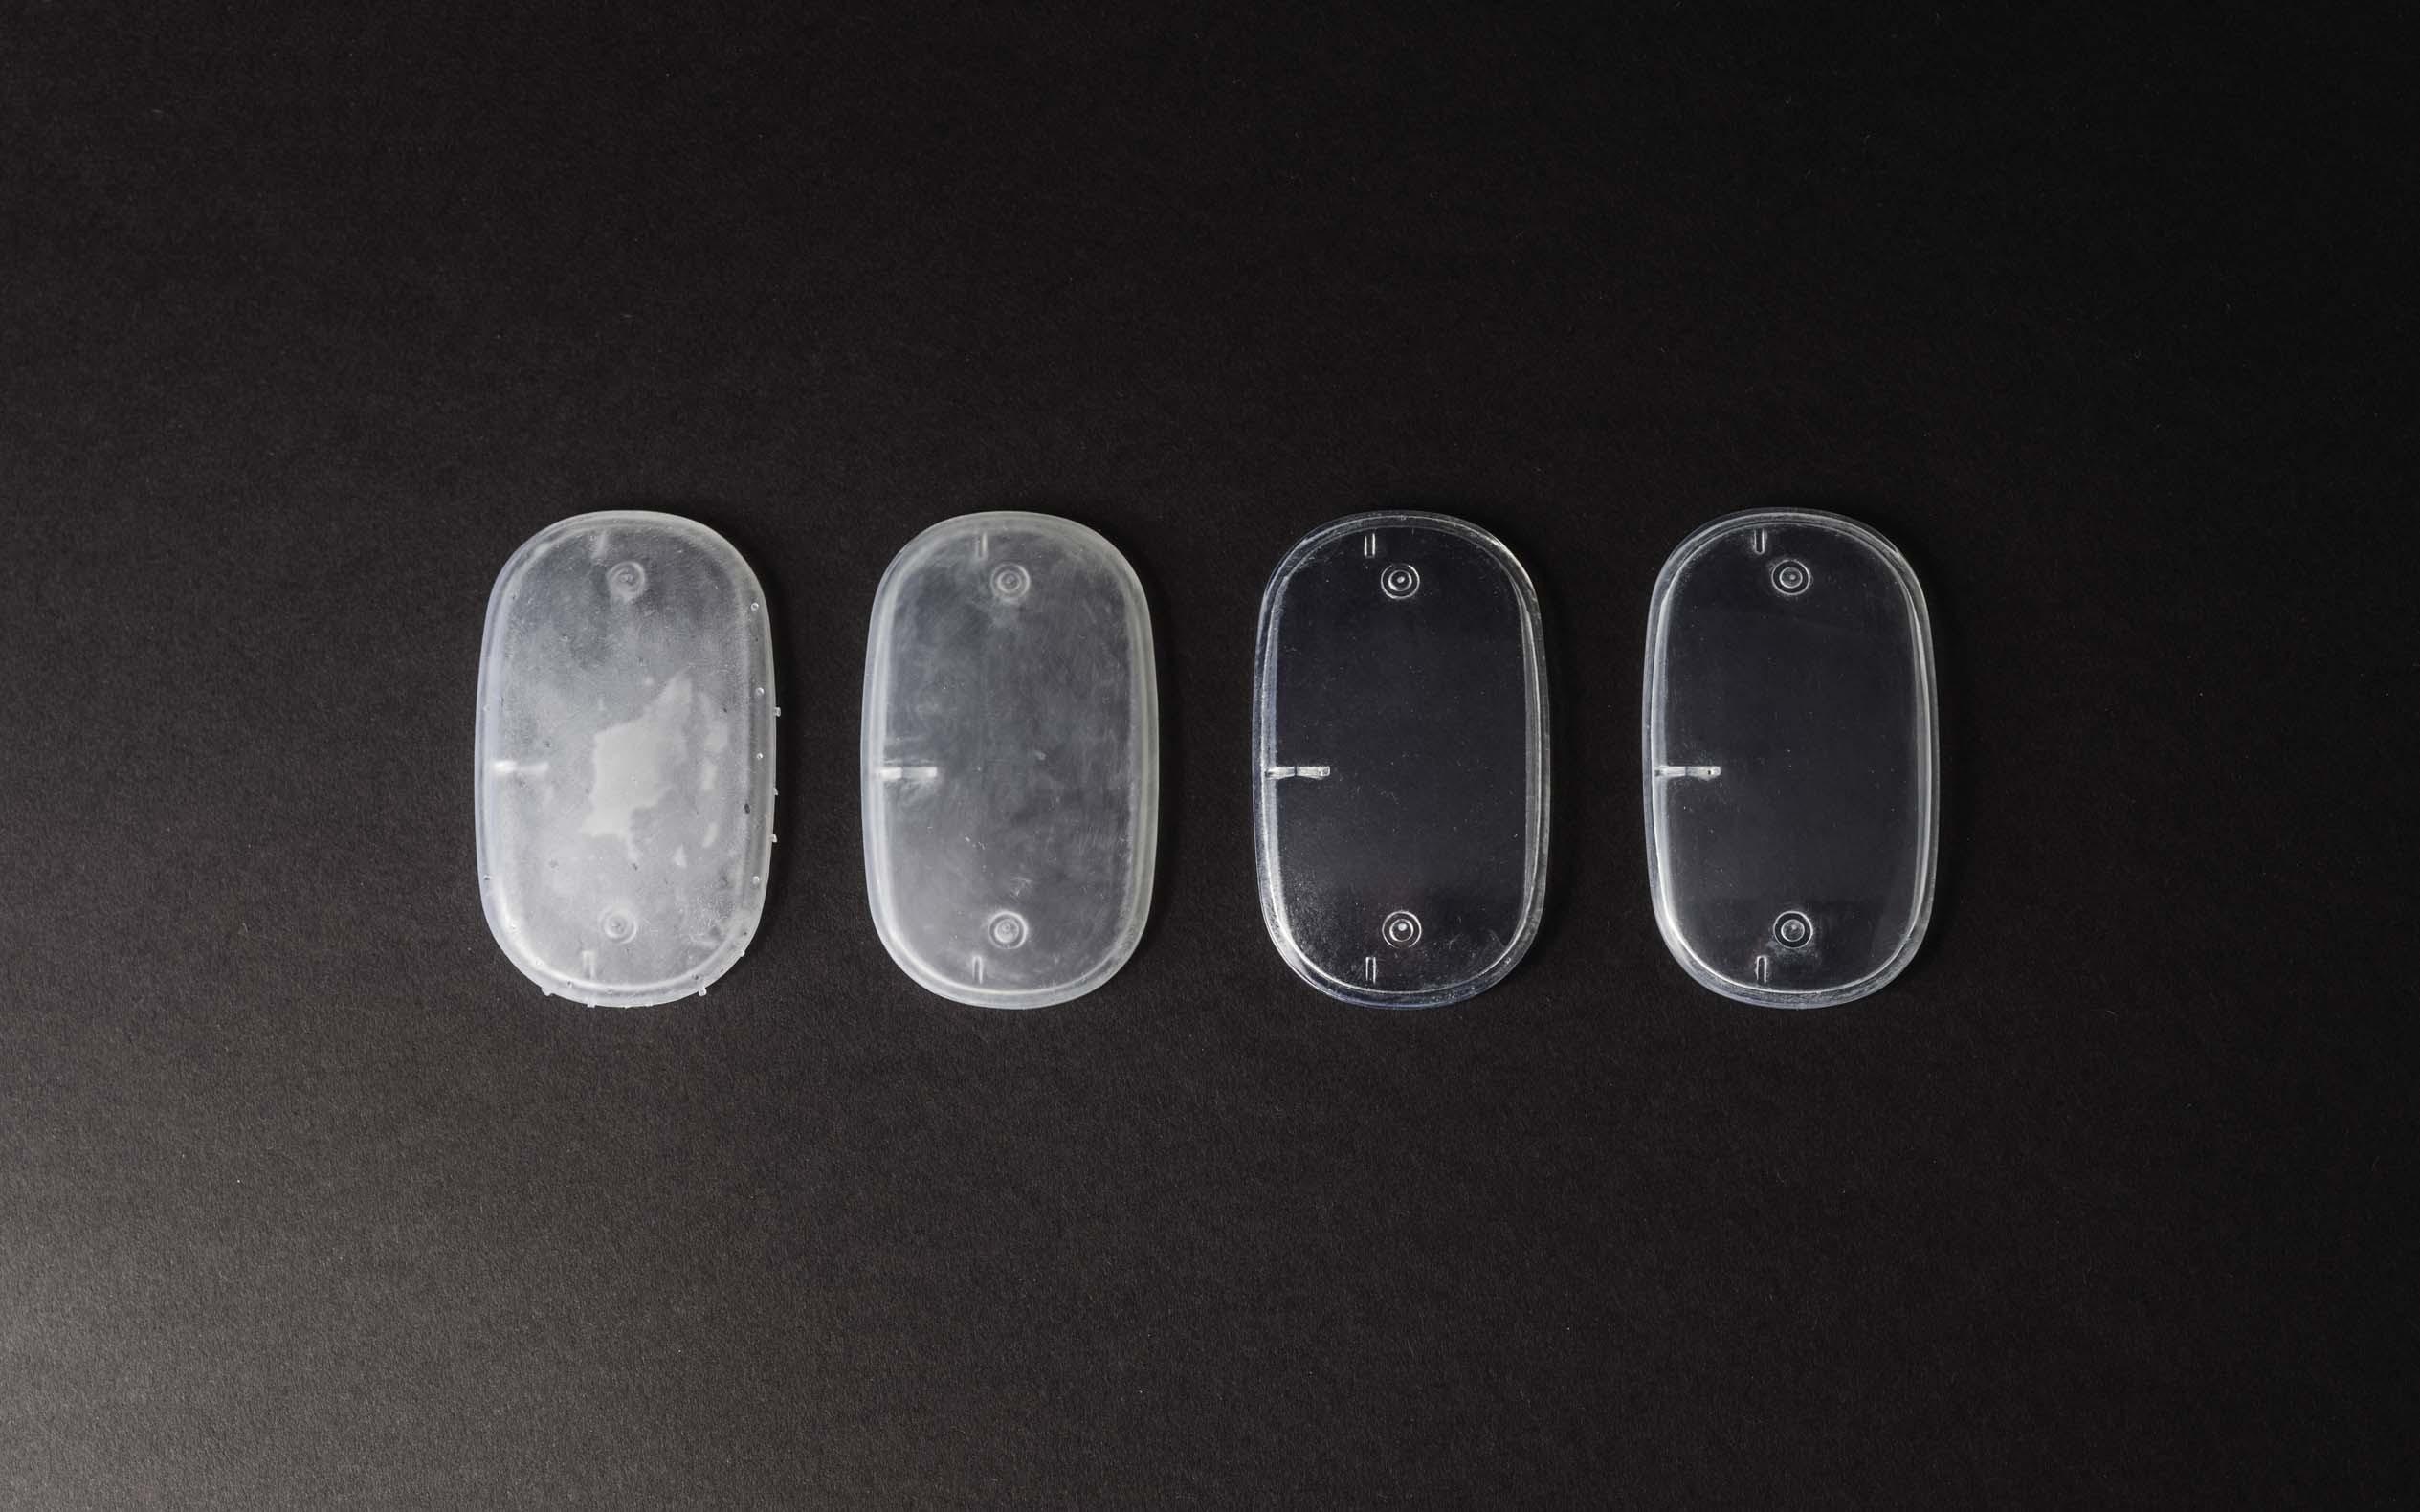 یک محفظه پرینت سه بعدی شده با رزین شفاف SLA در مراحل مختلف پست پروسس.